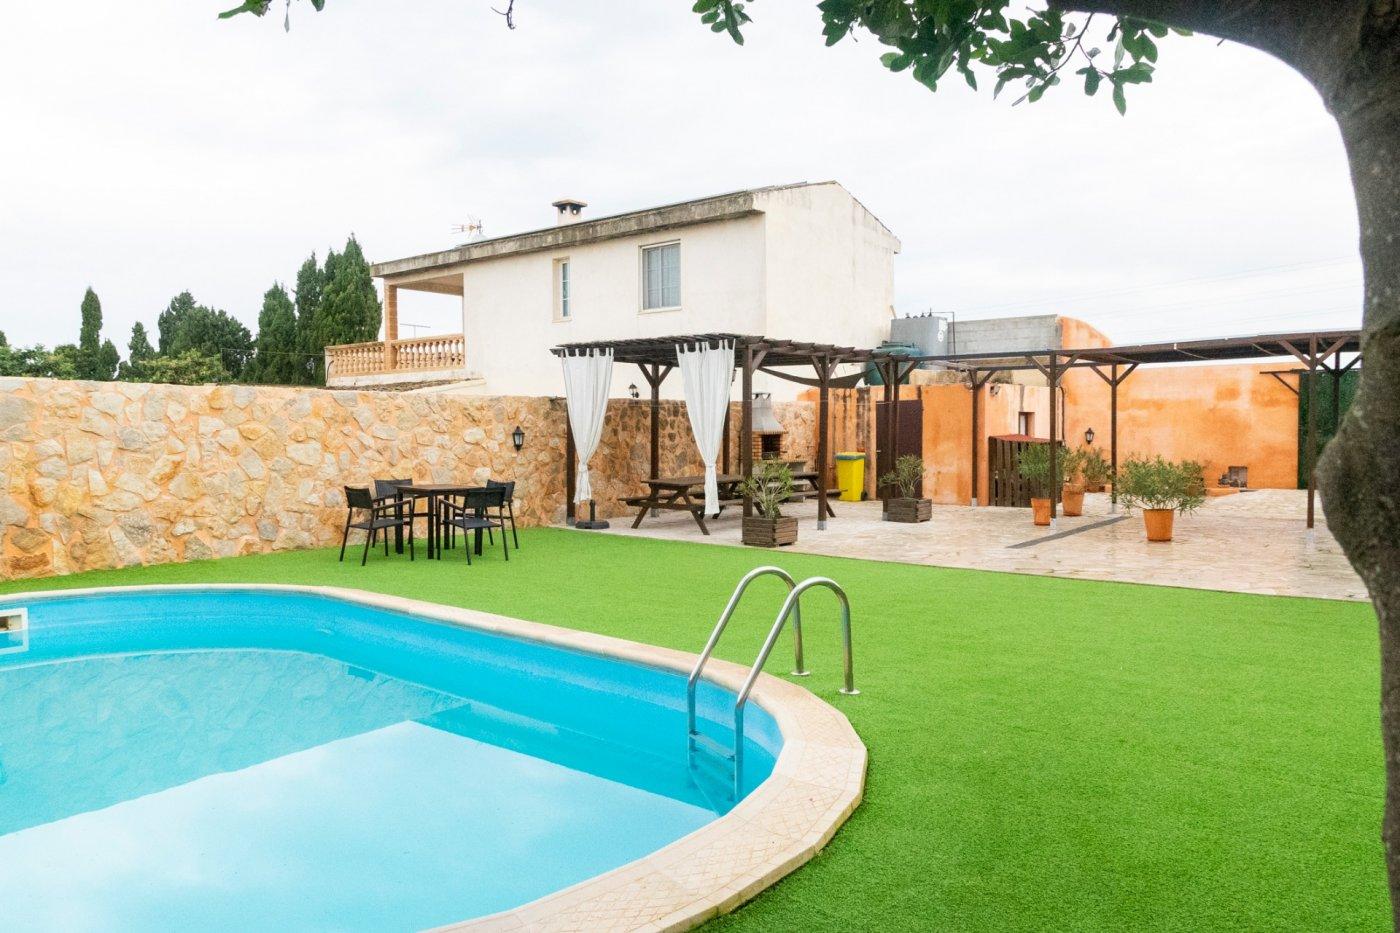 Chalet unifamiliar en manacor. espectacular vivienda independiente con piscina y mucha tra - imagenInmueble1